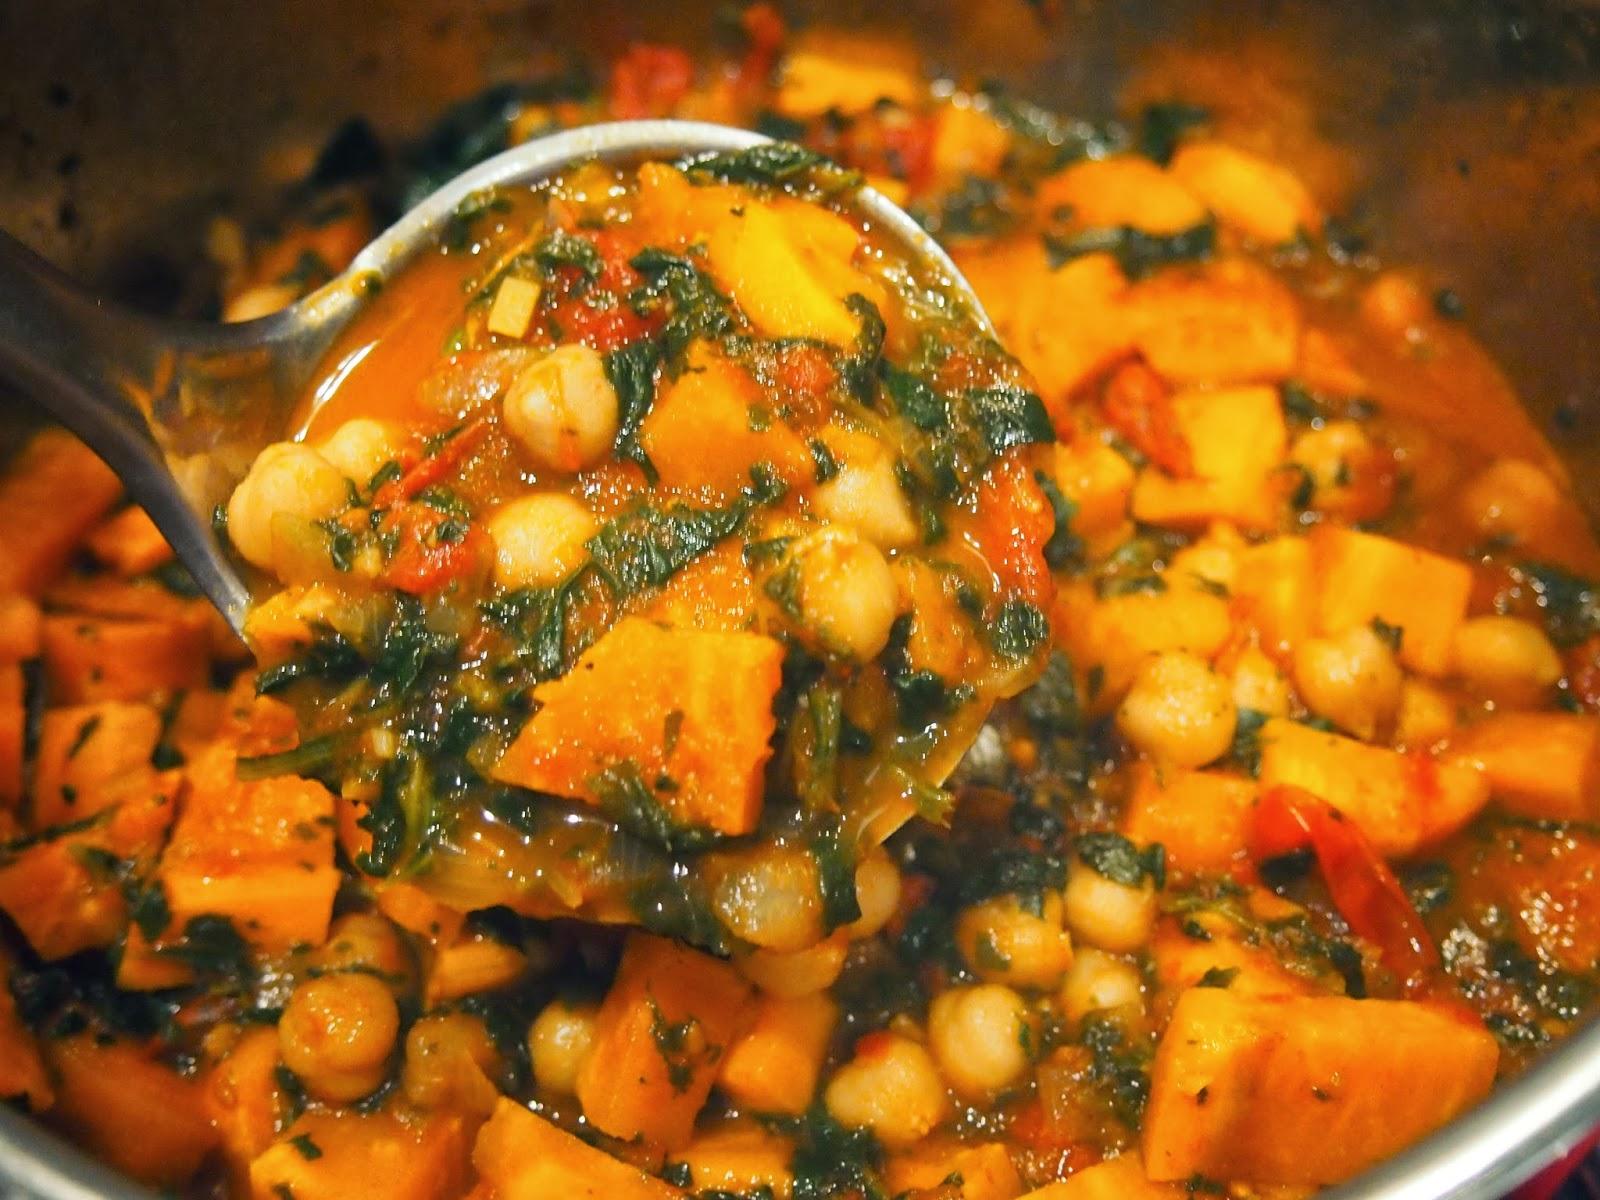 lasciare cuocere per altri 20 minuti aggiungere gli spinaci ed i ceci precedentemente scolati condire con garam masala ed eventualmente aggiungere sale